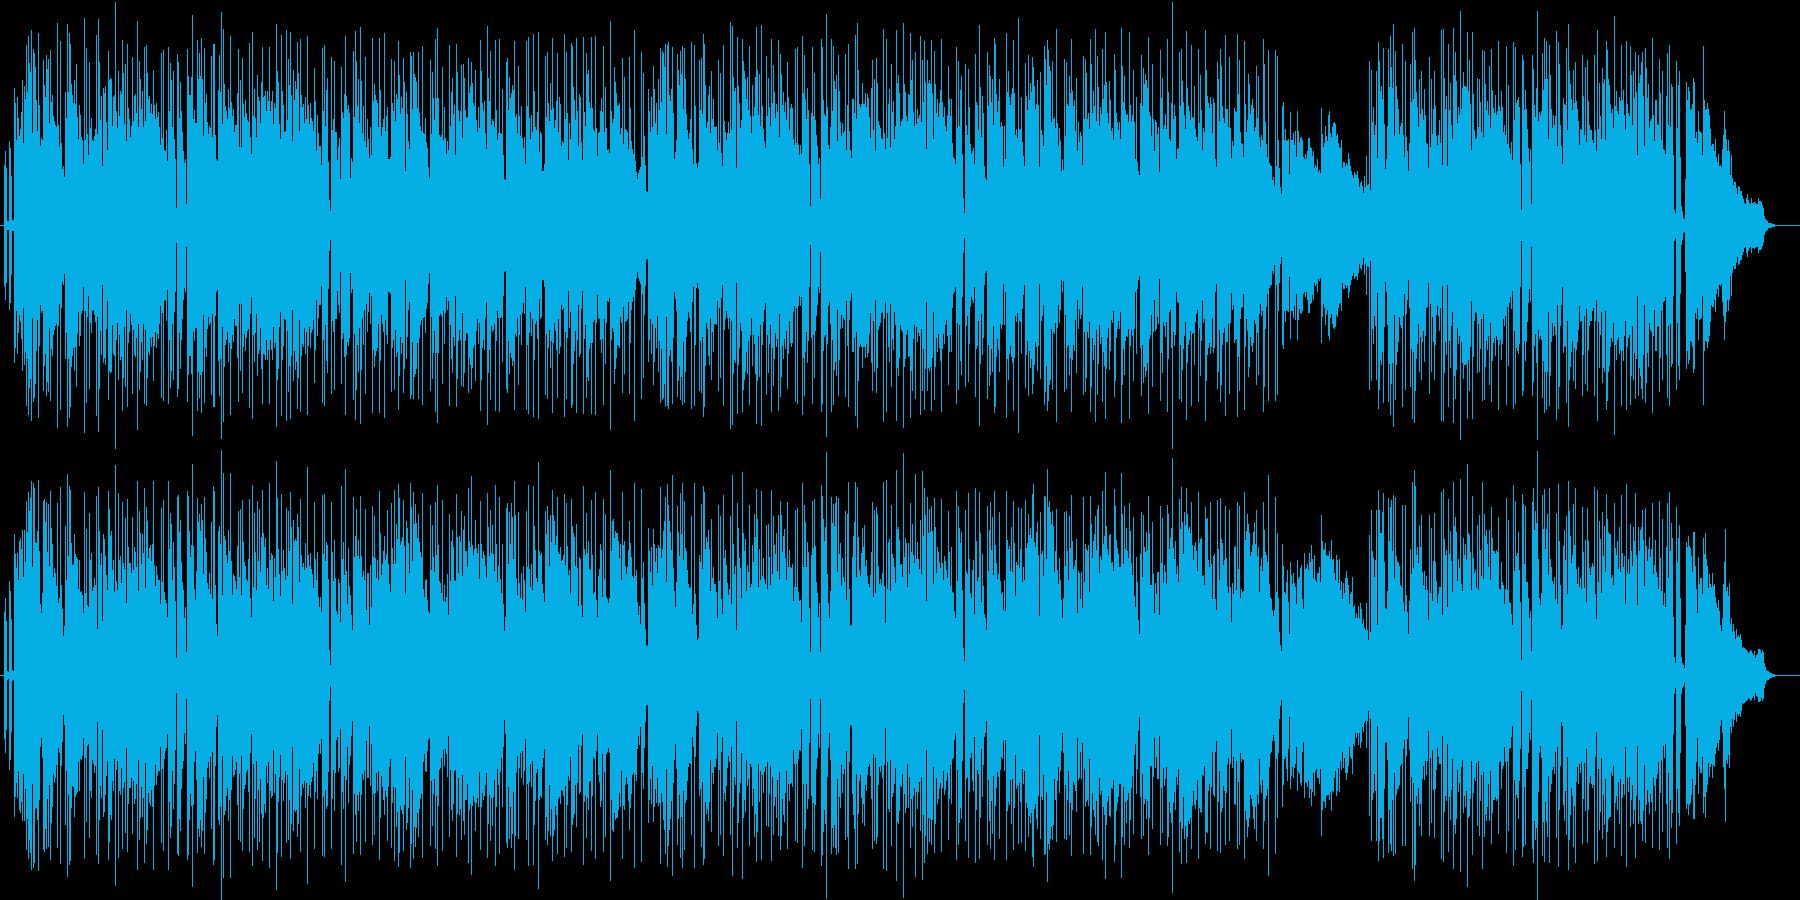 軽やかで晴れやかなシンセサイザーサウンドの再生済みの波形